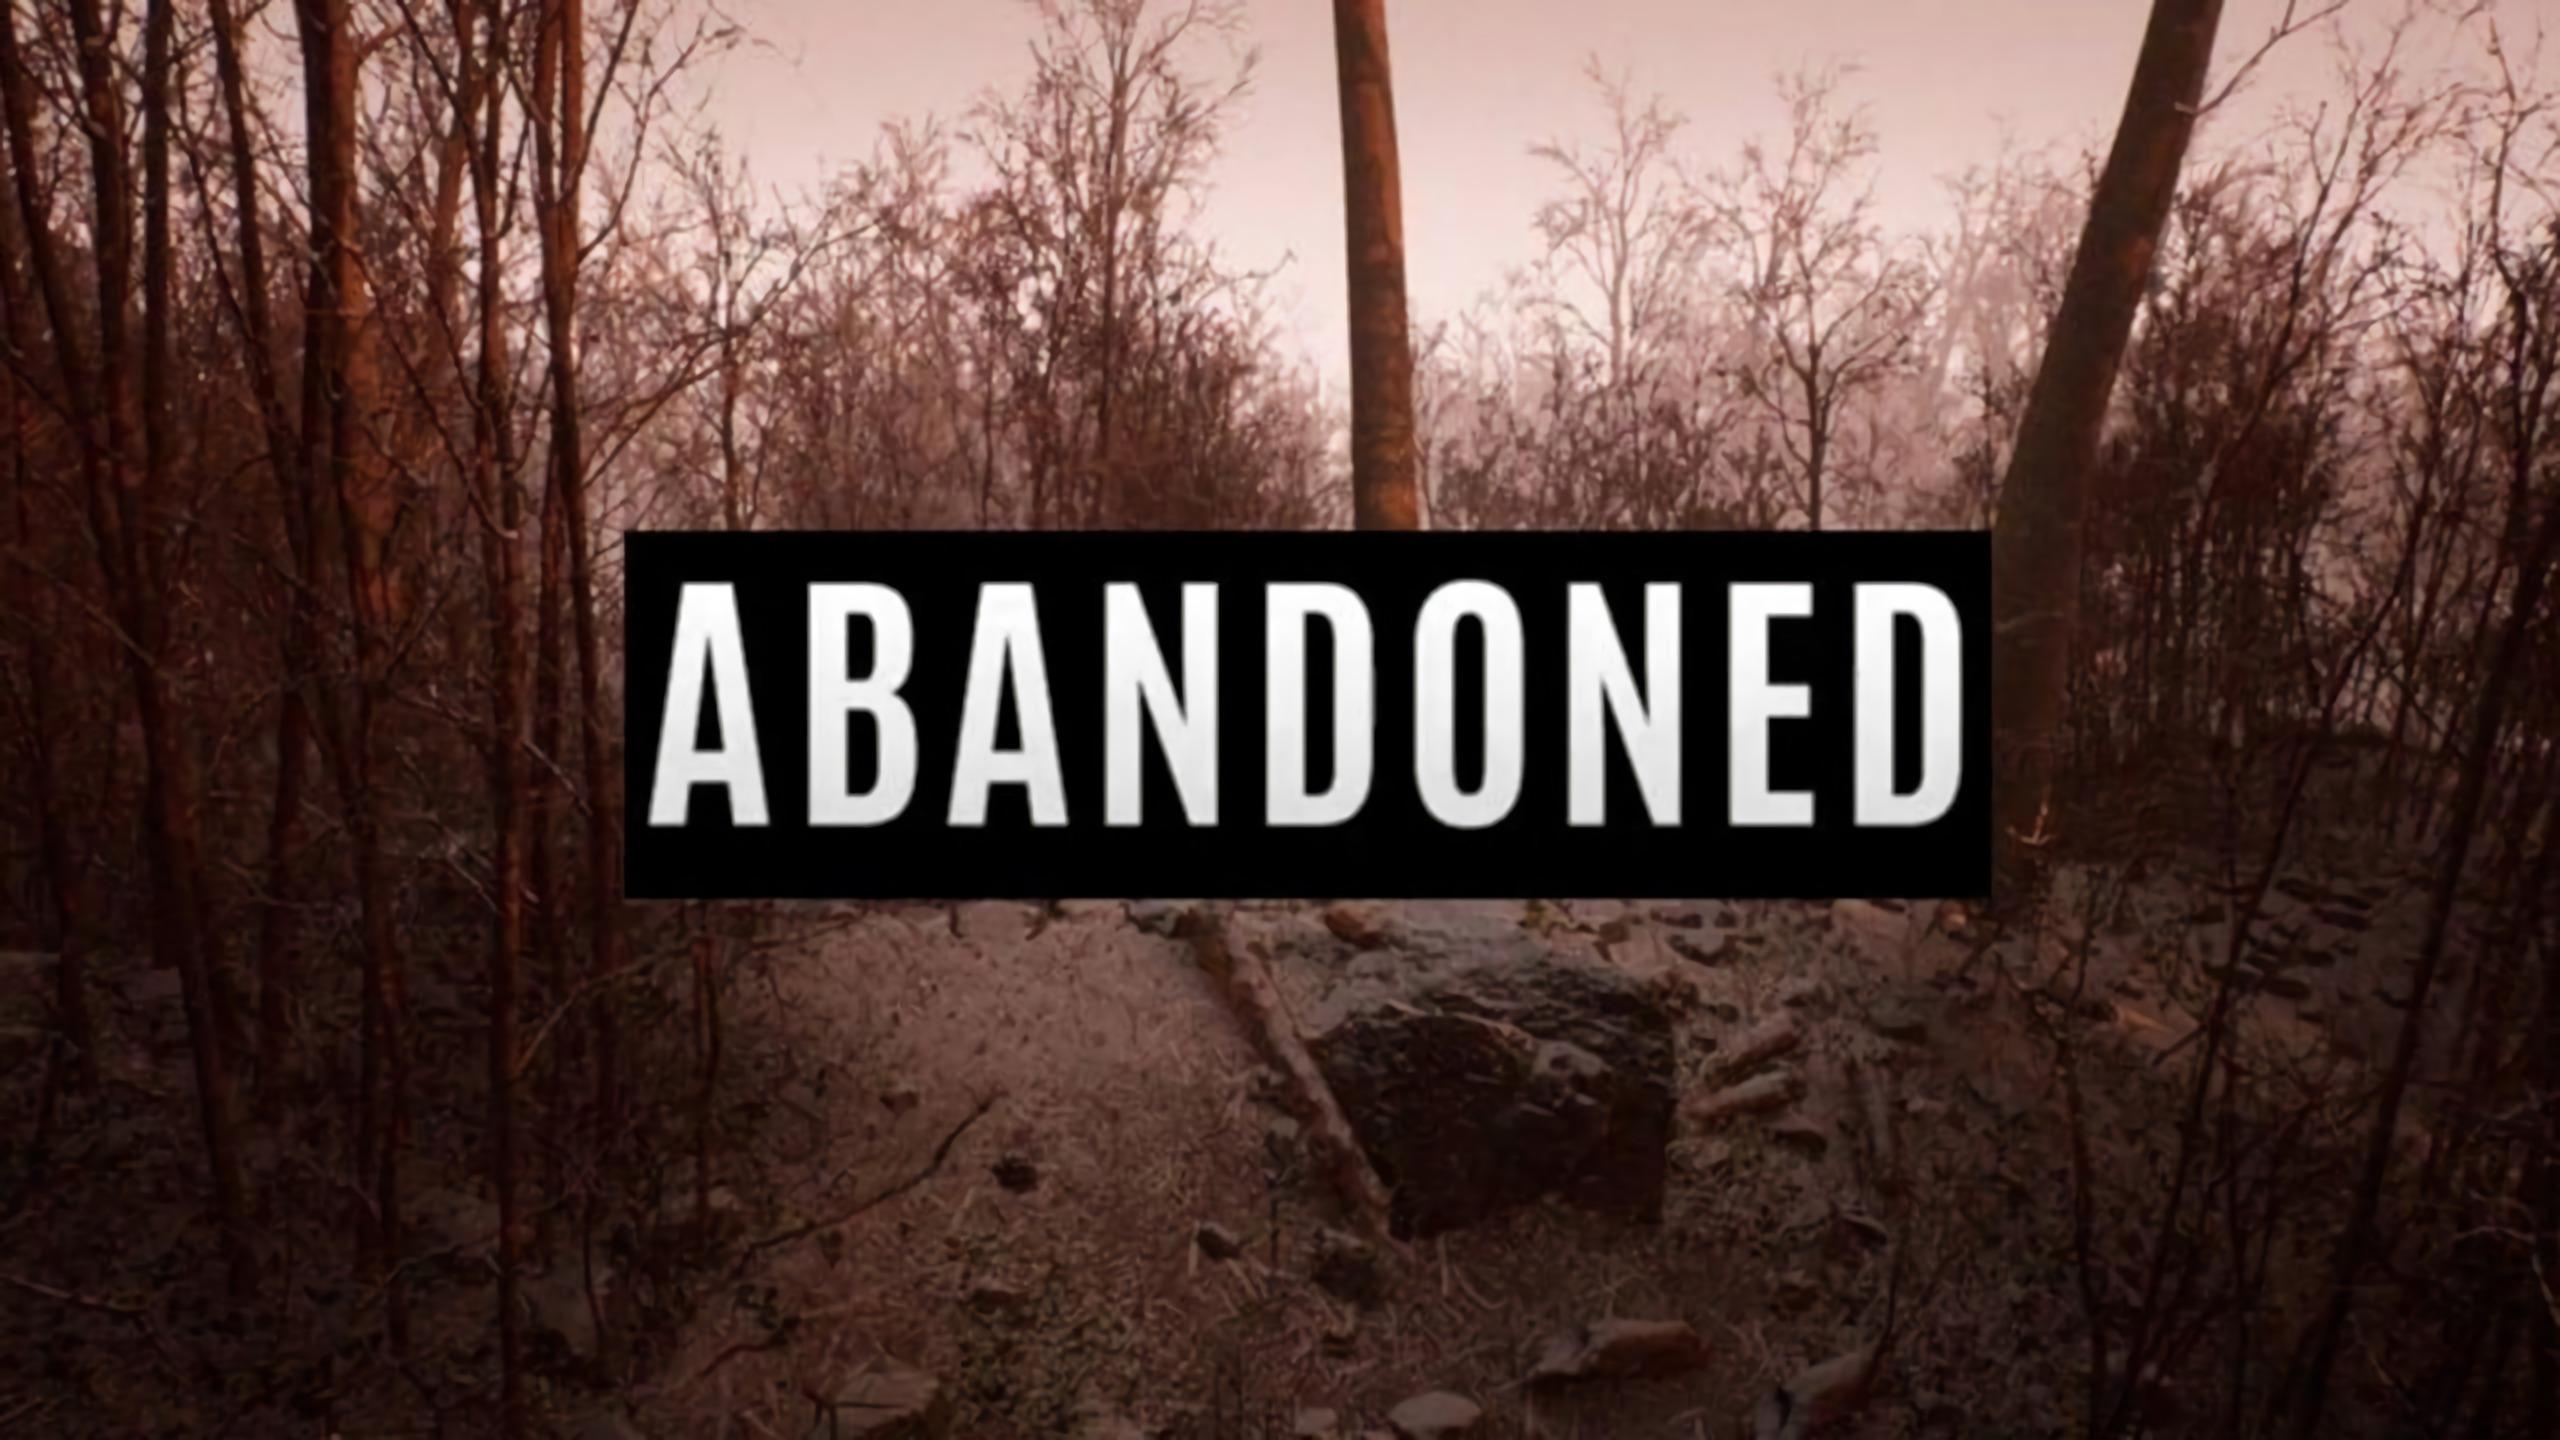 De acordo com a desenvolvedora Blue Box Games, o jogo Abandoned deve receber mais novidades no próximo dia 22 de Junho de 2021.